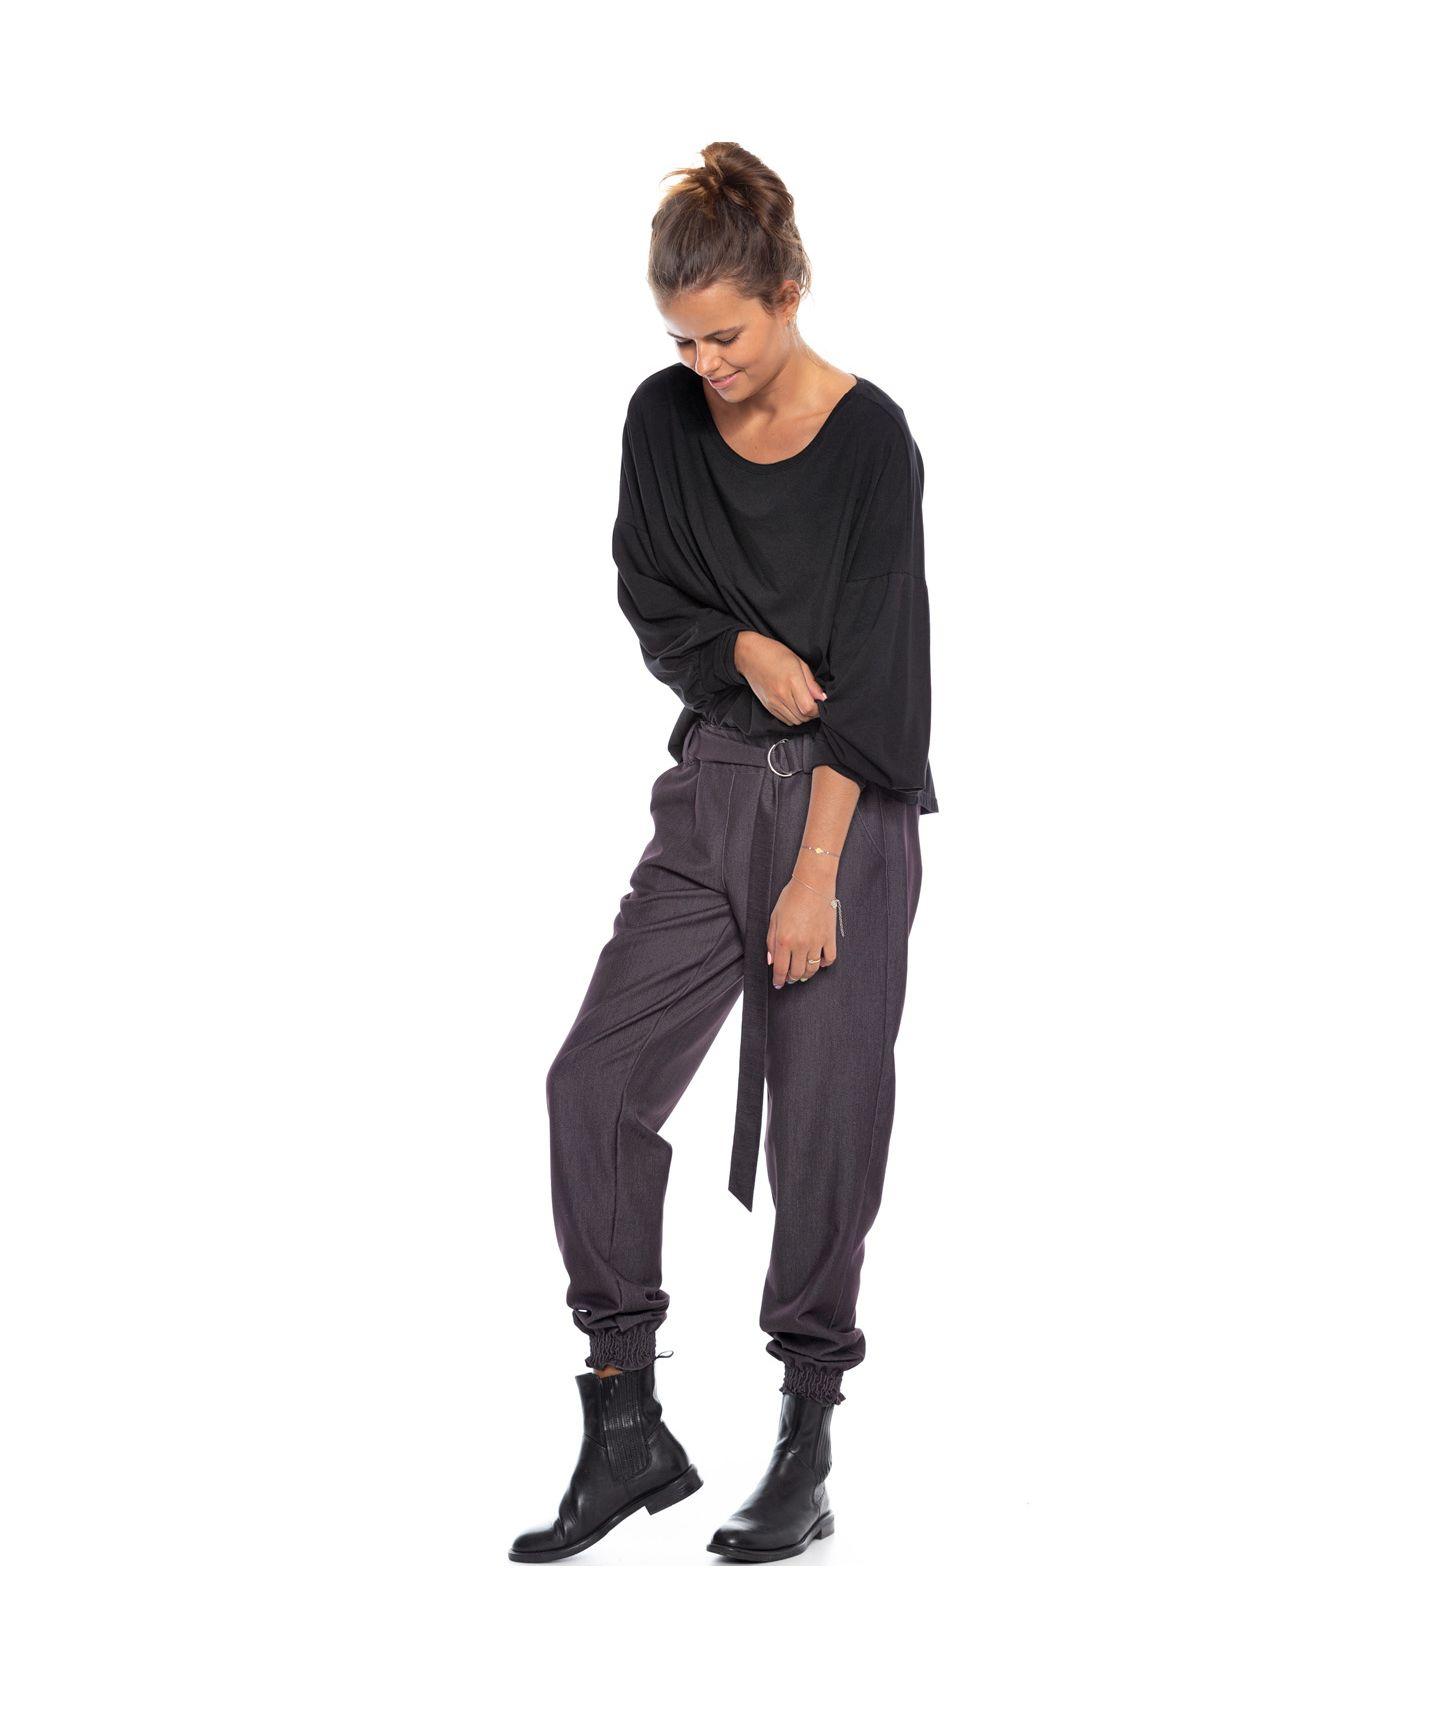 spodnie HANA antracyt